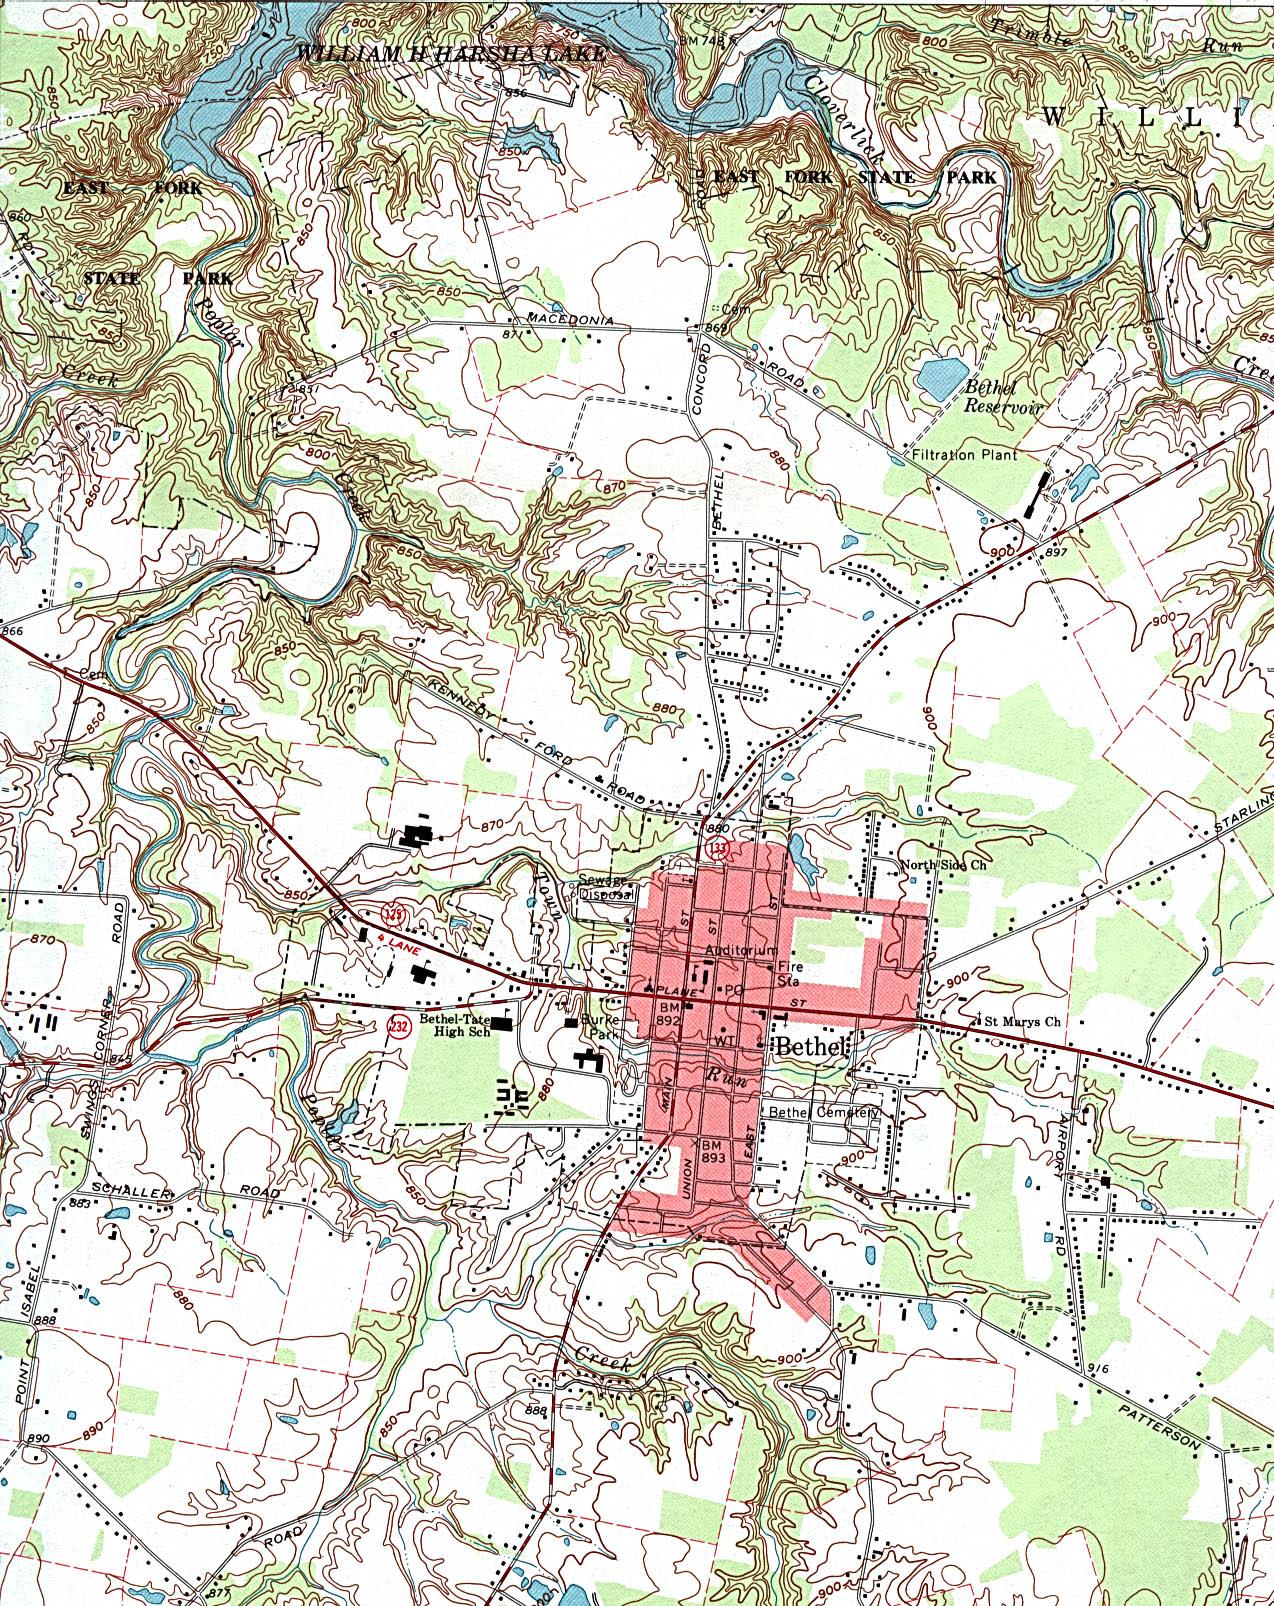 Mapa Topográfico de la Ciudad de Bethel, Ohio, Estados Unidos